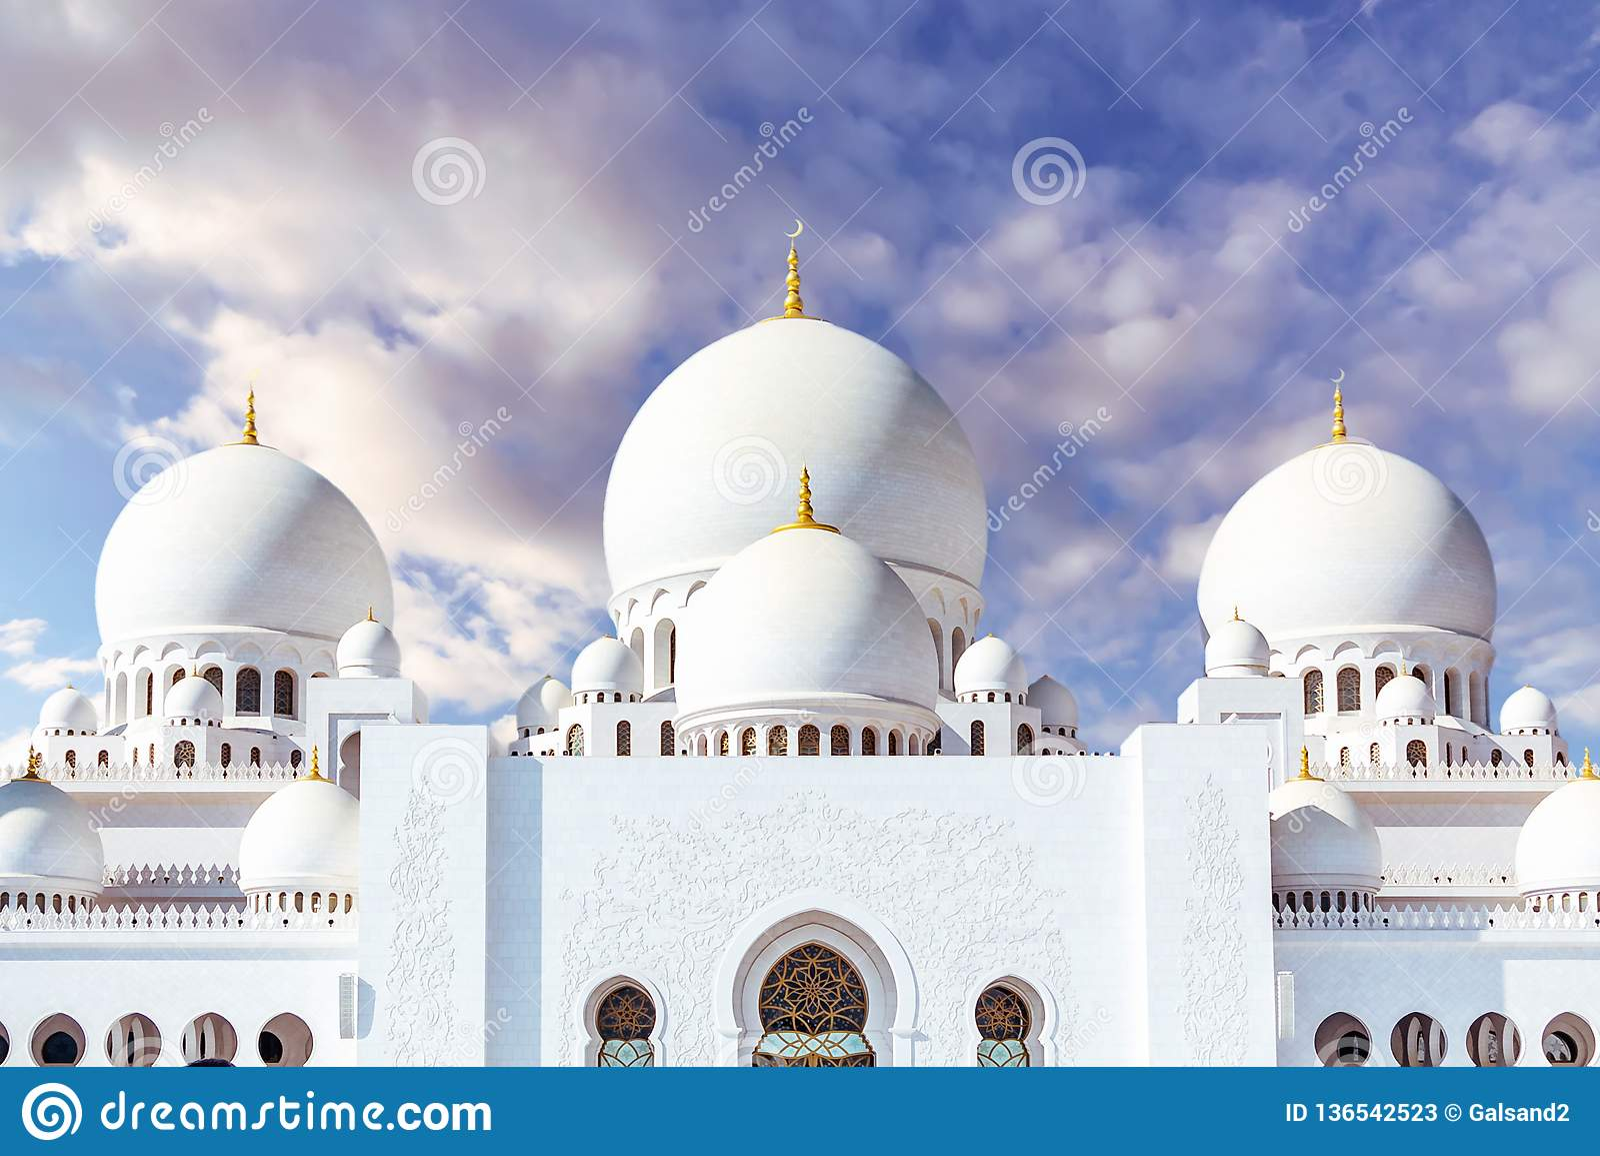 Mesquita grande em Abu Dhabi no fundo de nuvens dramáticas no céu